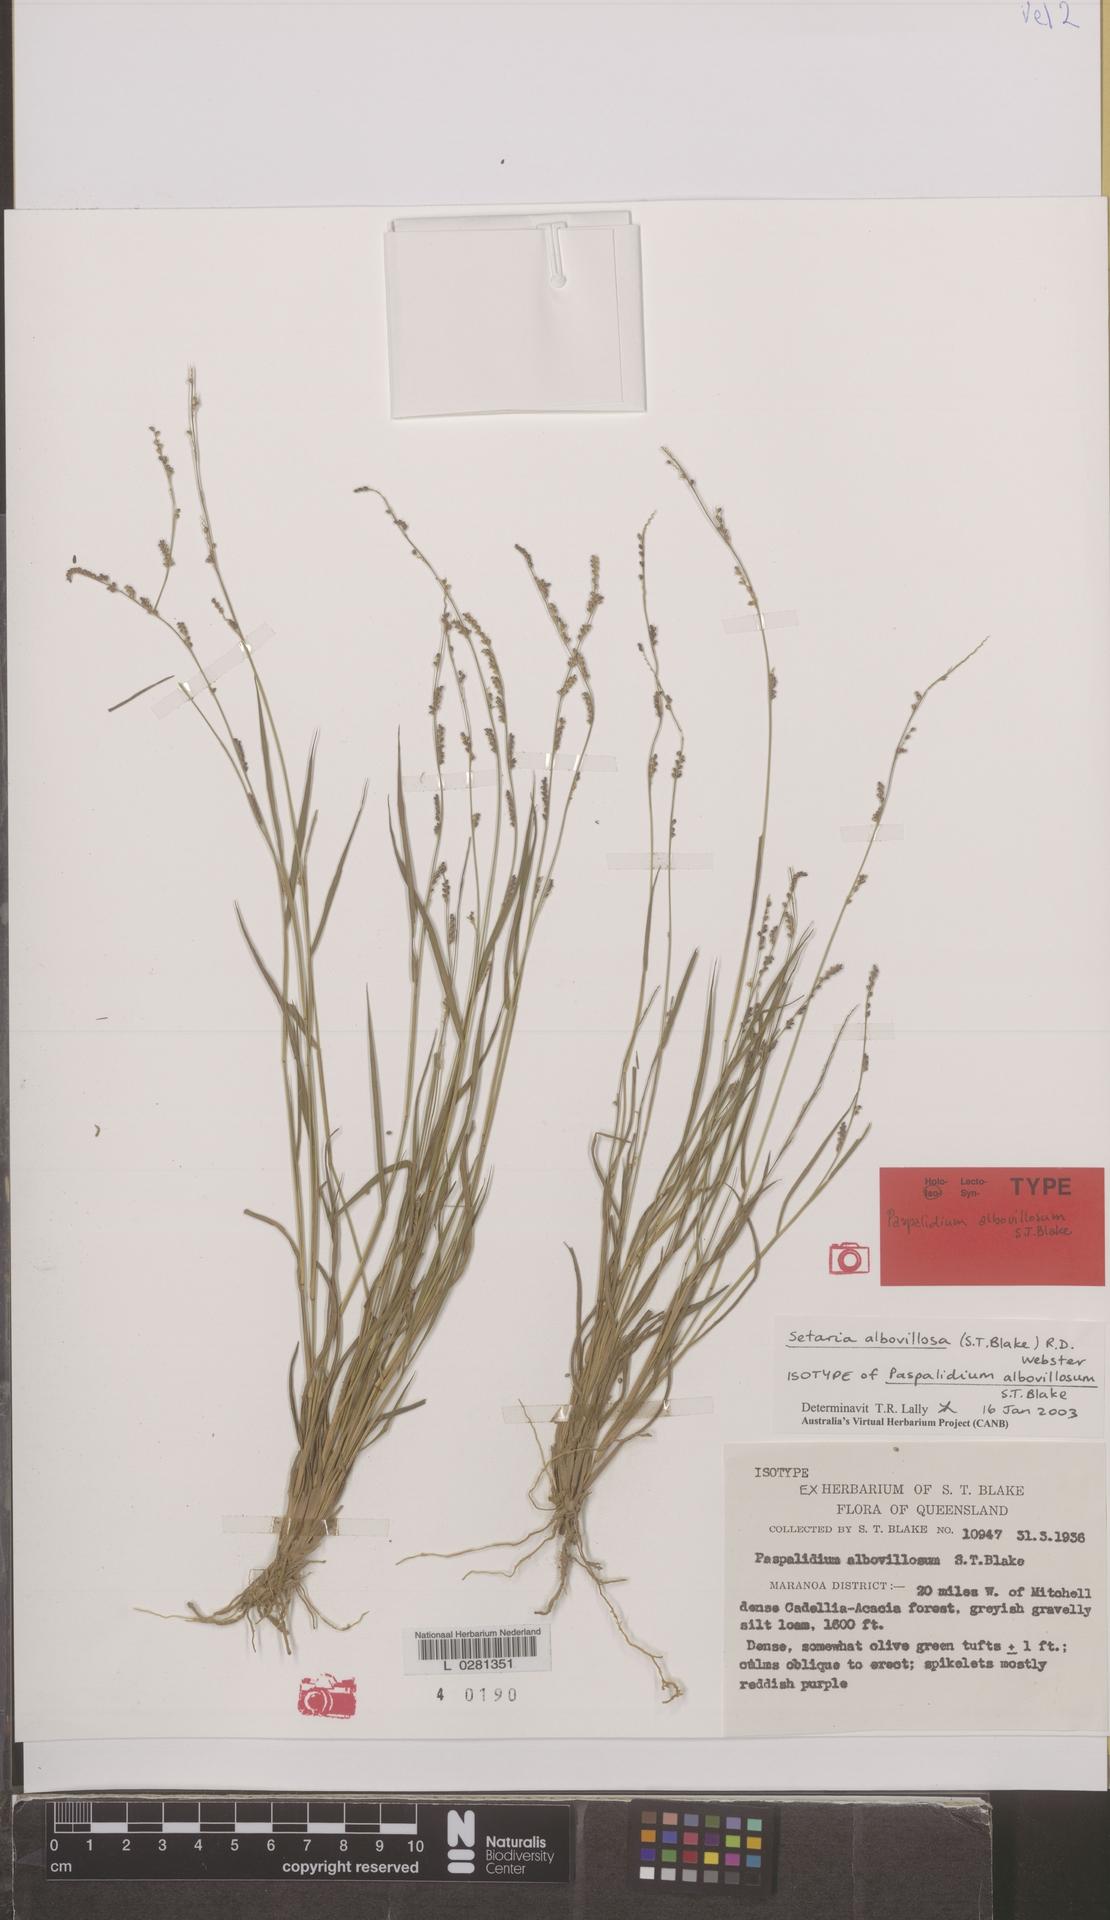 L  0281351 | Setaria albovillosa (S.T.Blake) R.D.Webster